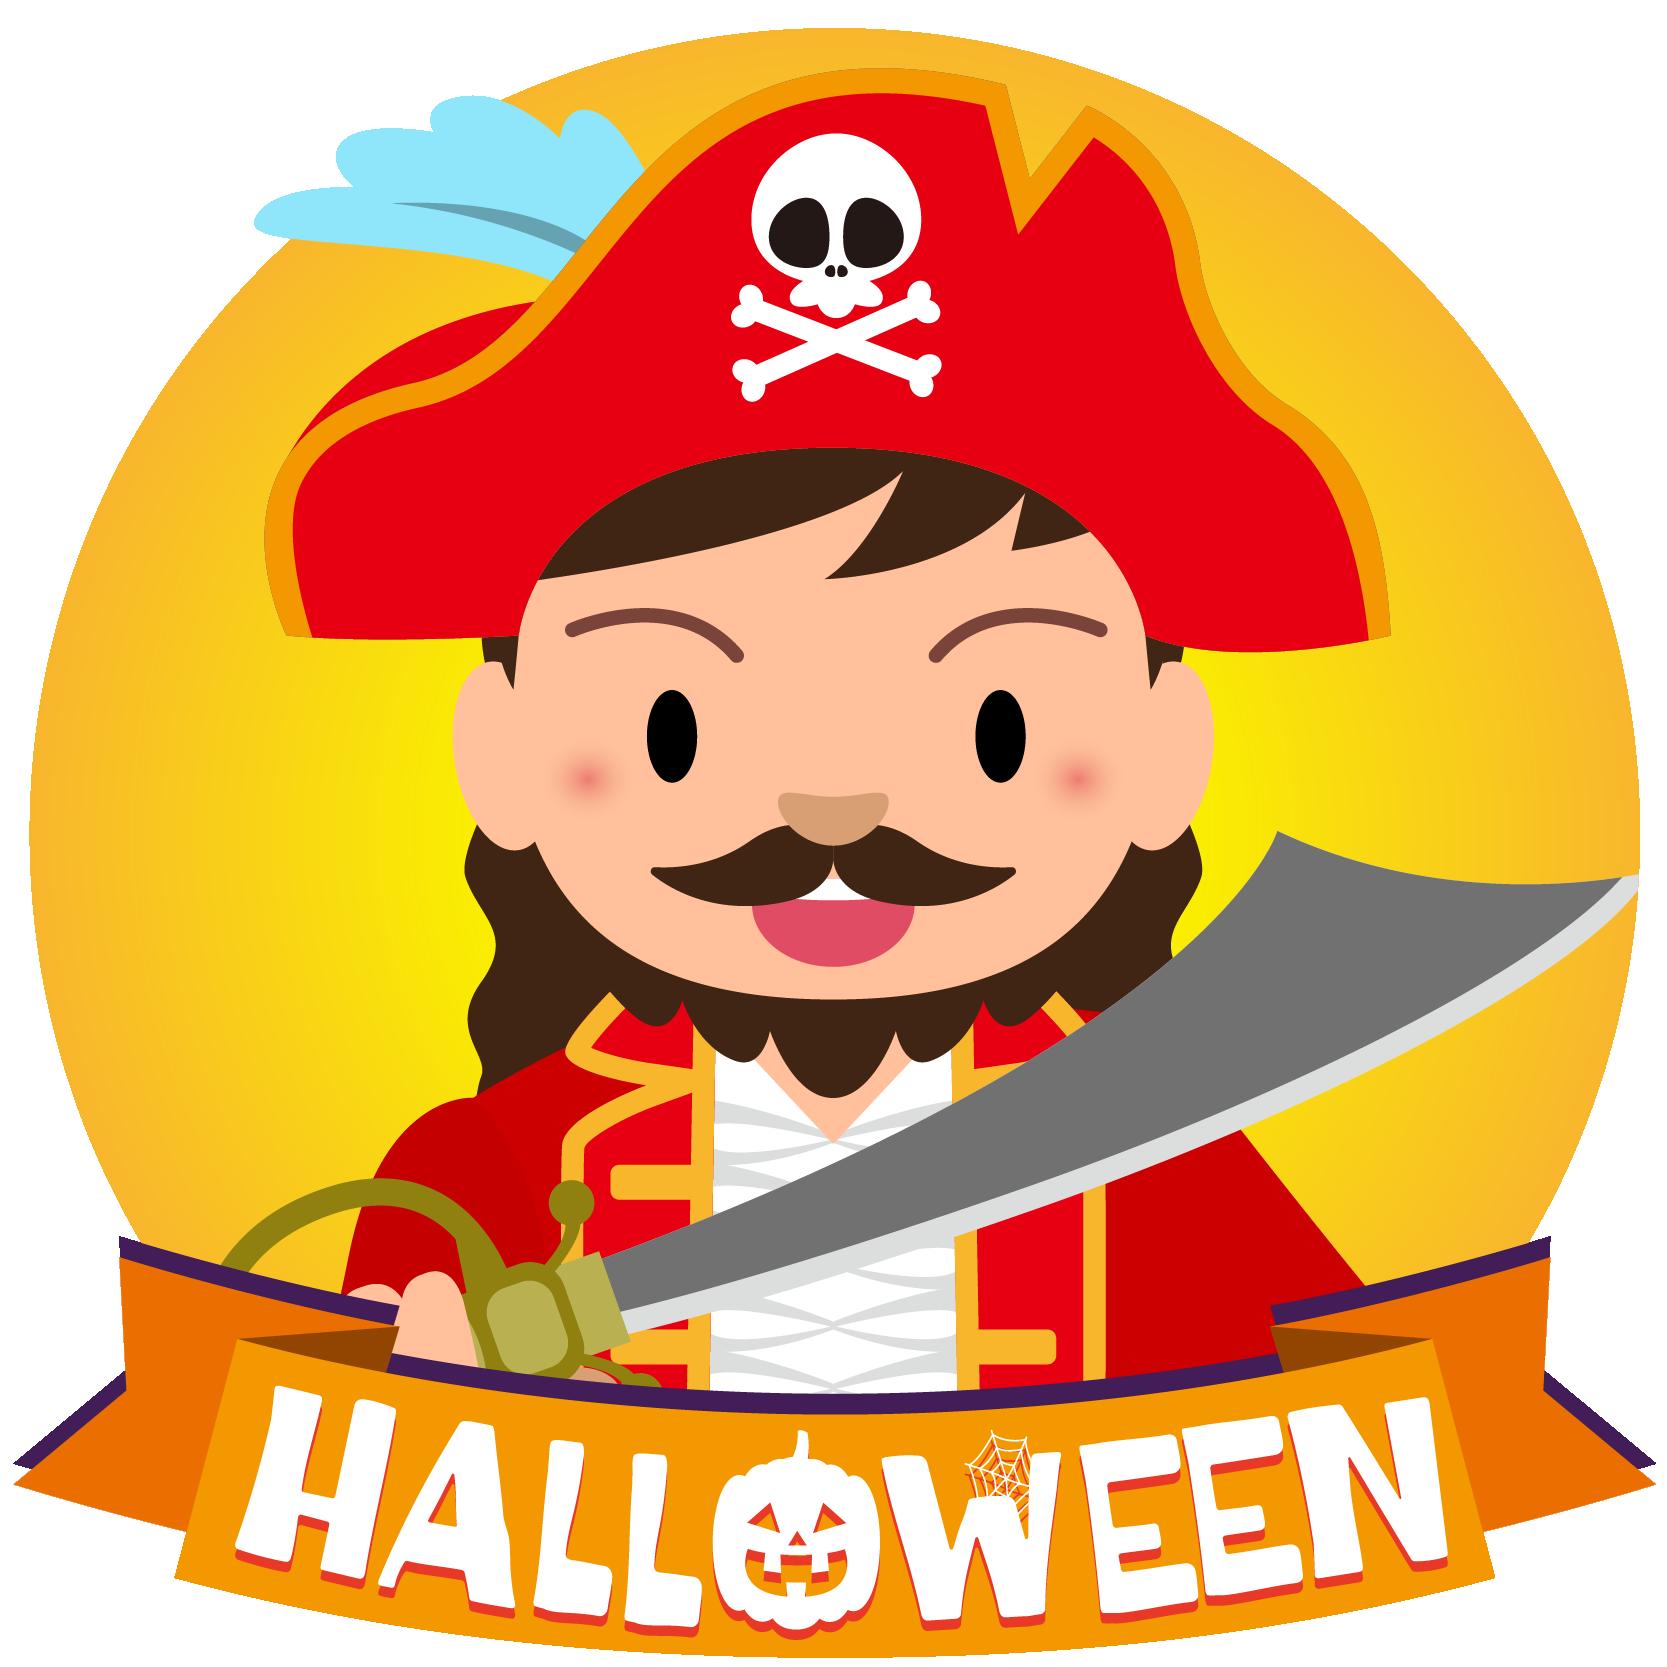 商用フリーイラスト_無料_10月_ハロウィン_男の子_海賊_コスプレ_halloween_Pirate_オーナメントオレンジ